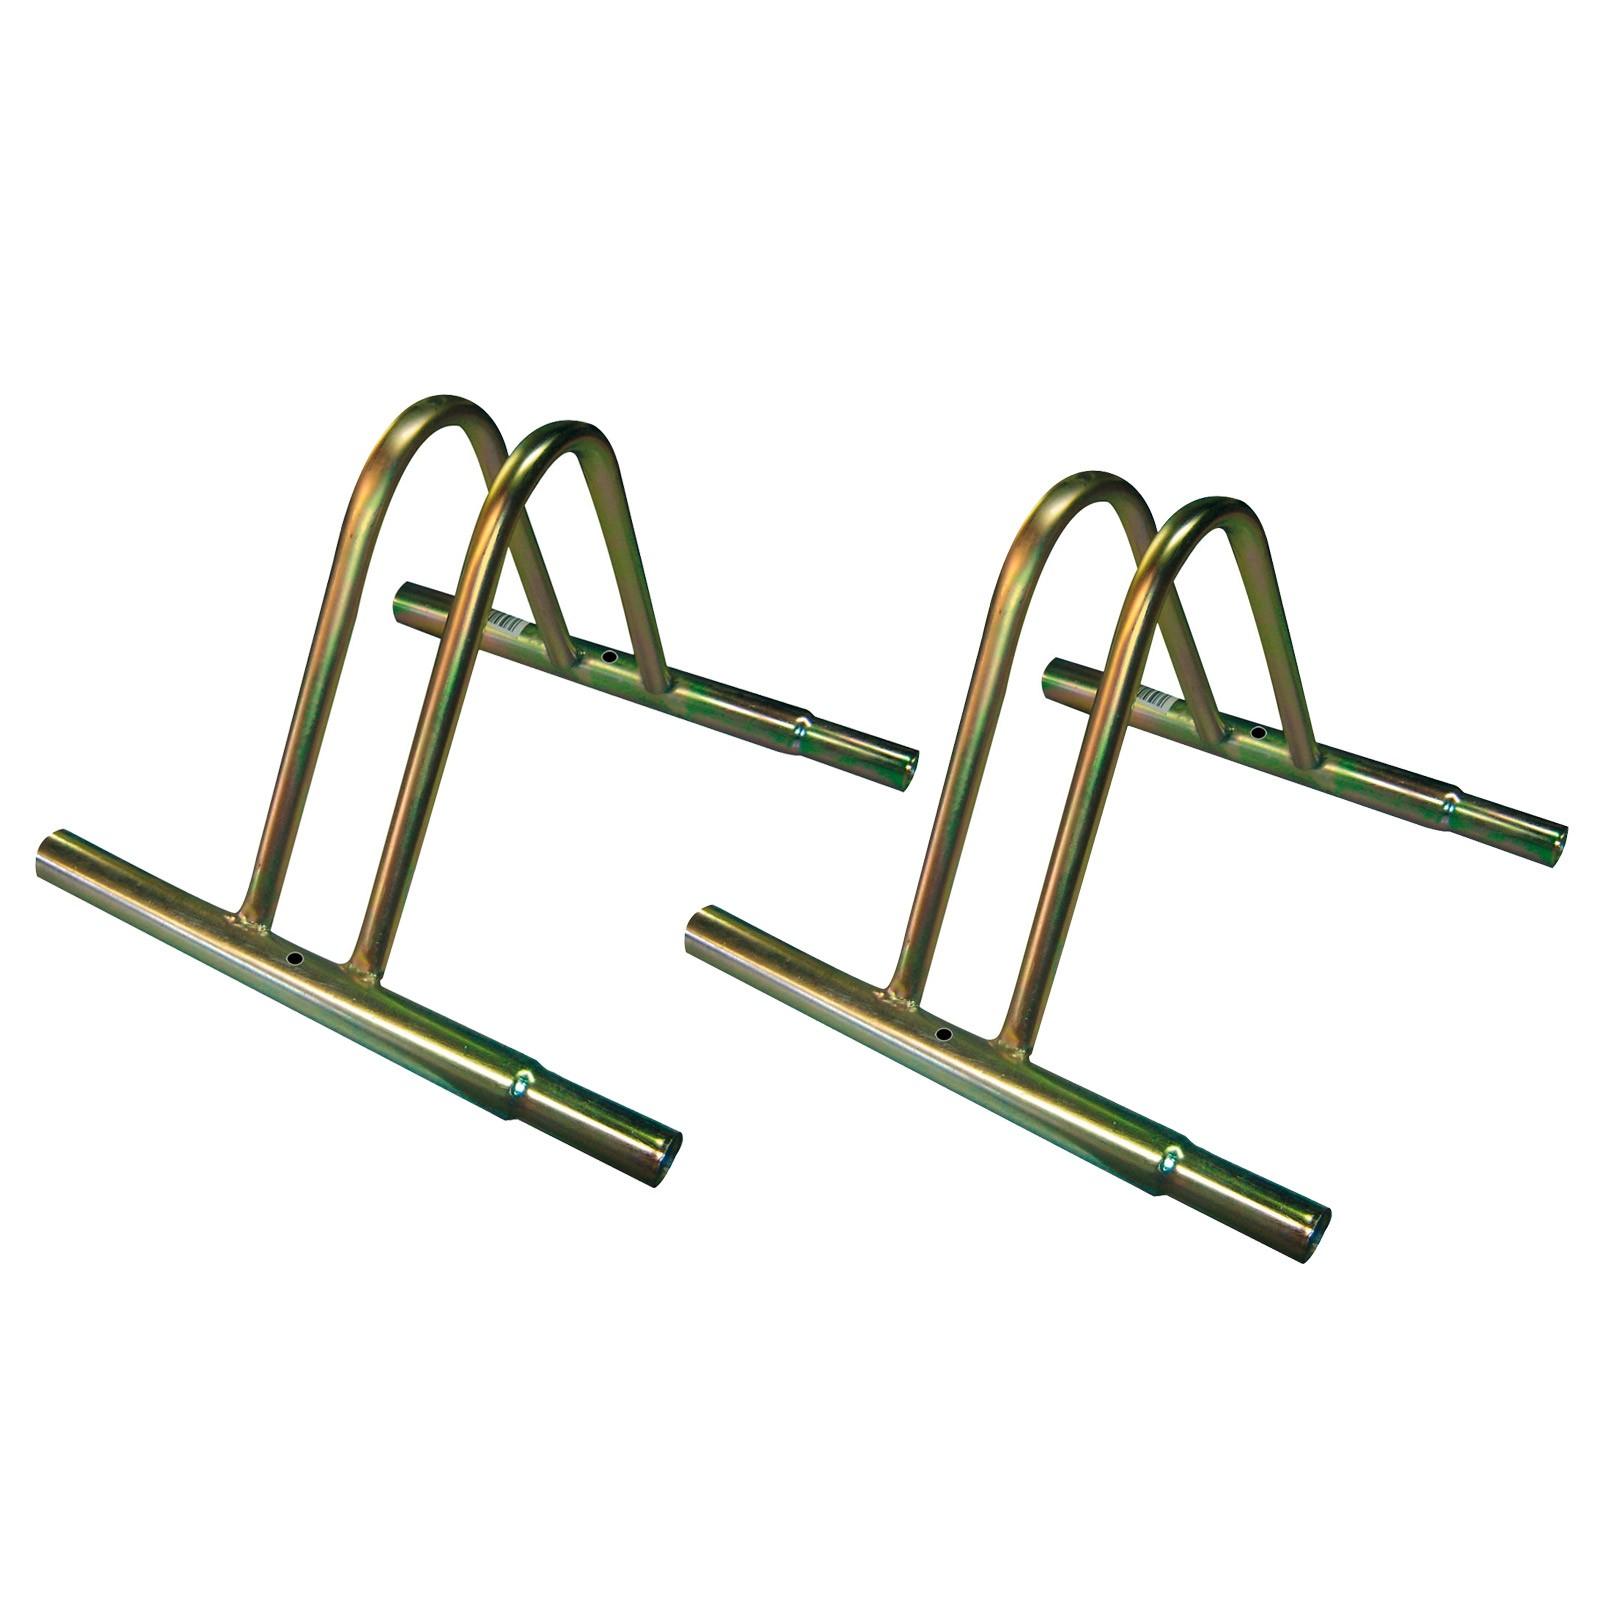 Dema 2 Stück Fahrradständer / Fahrradhalter für Räder Fahrrad im Set 41088-2